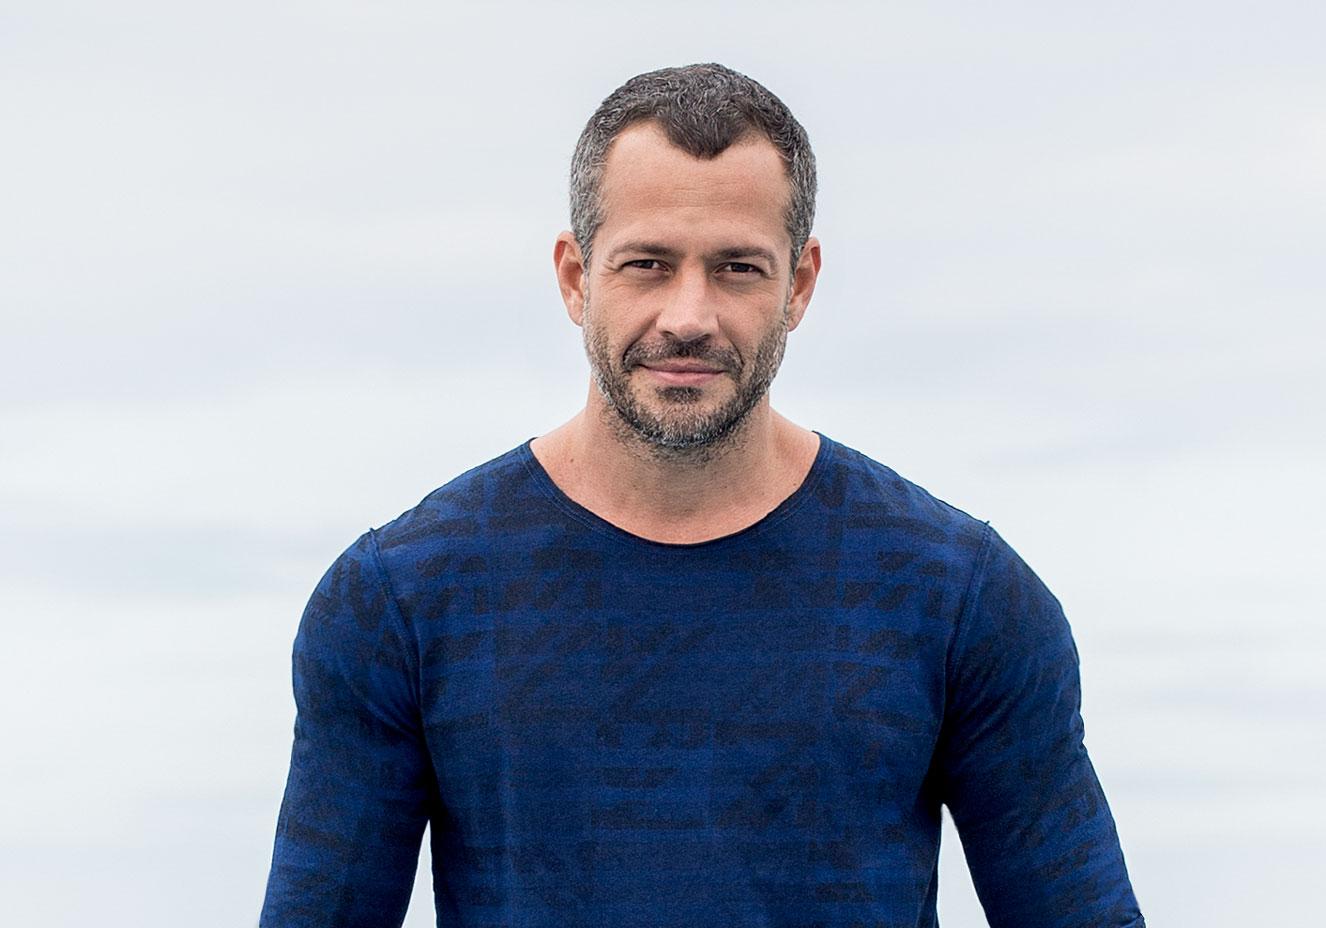 Malvino Salvador está no ar em A Dona do Pedaço, novela das nove da Globo. (Foto: Divulgação)